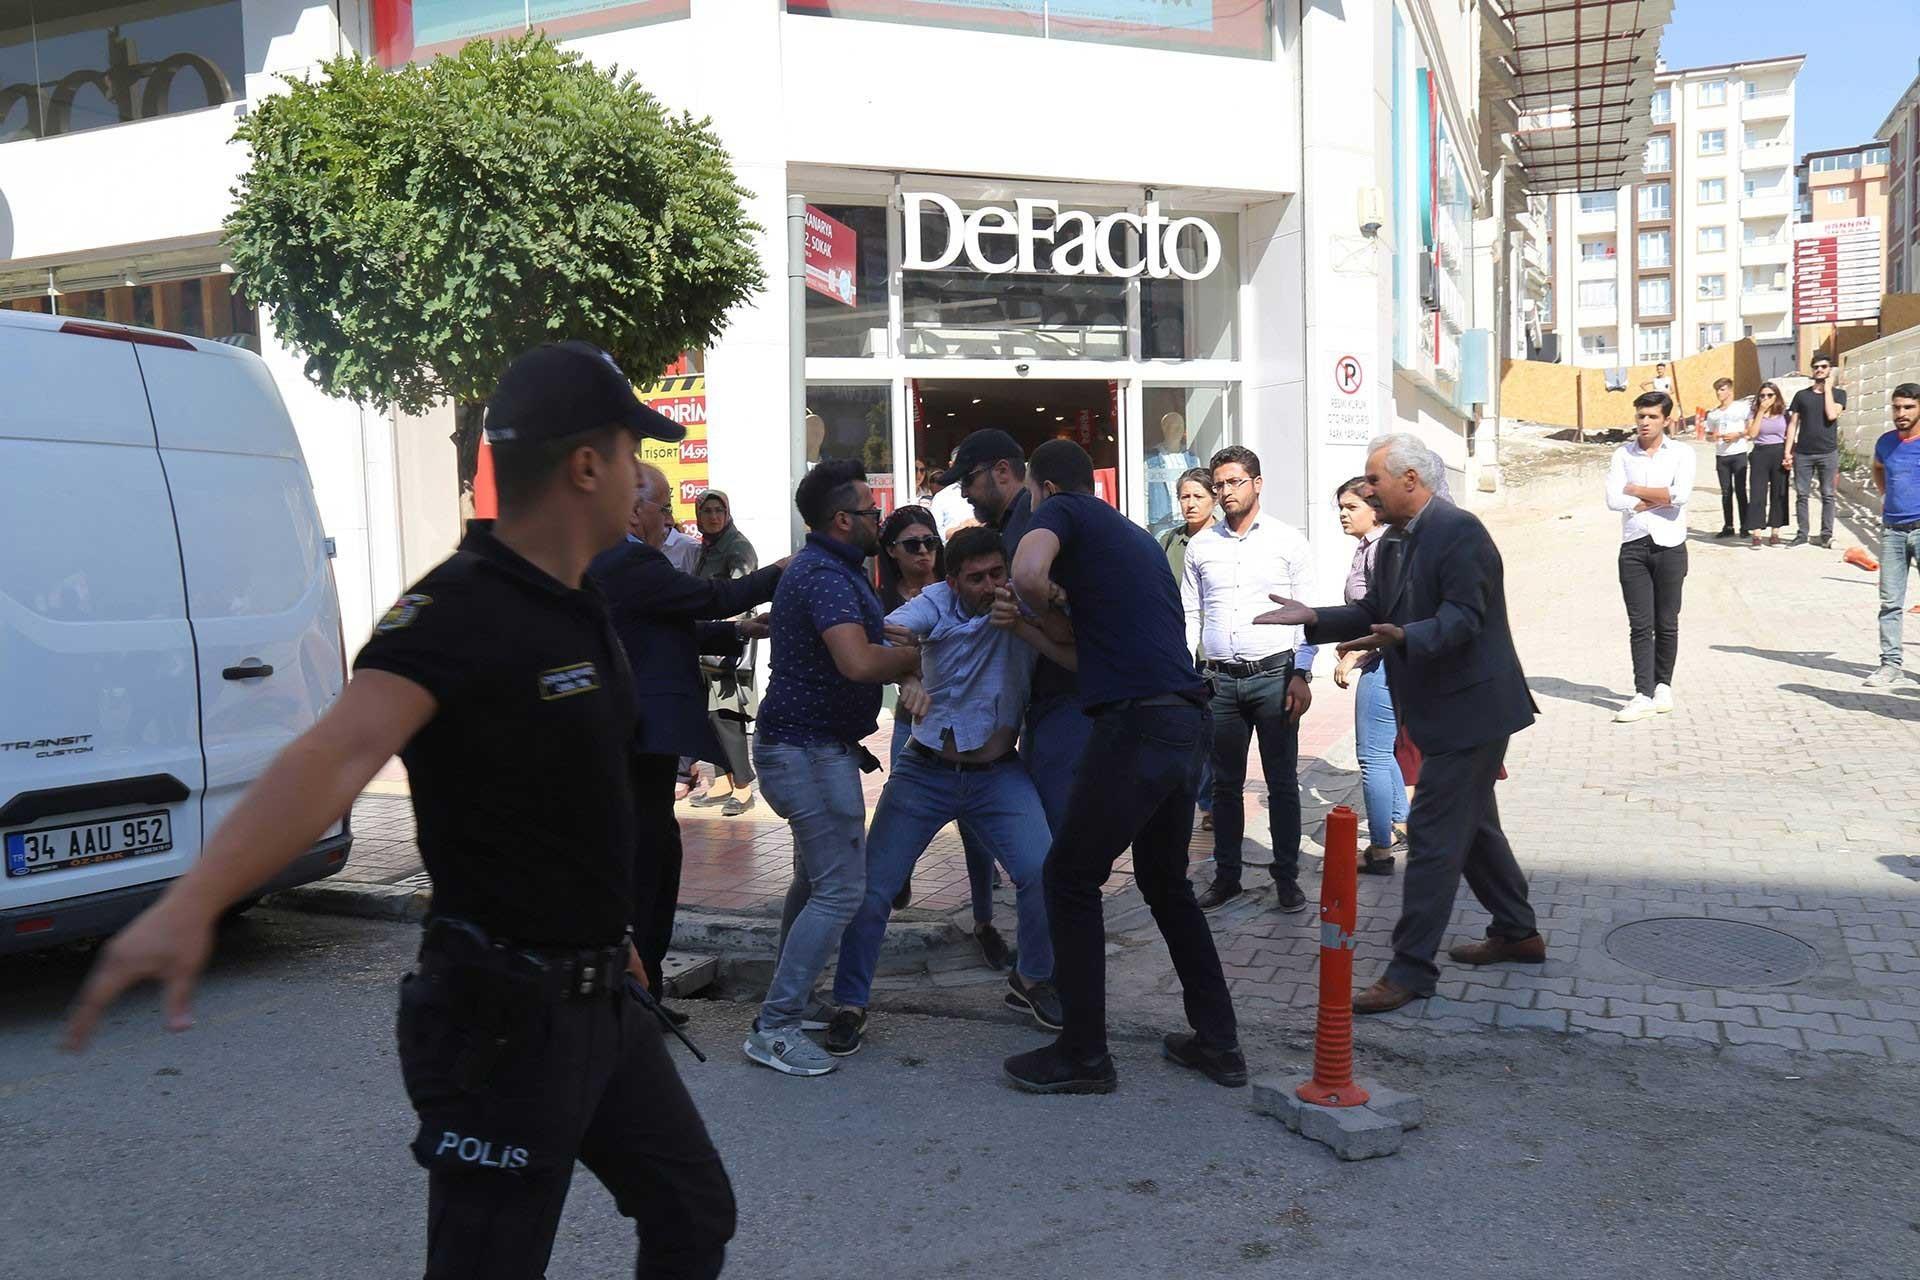 Van'da polisler tarafından gözaltına alınan bir vatandaş